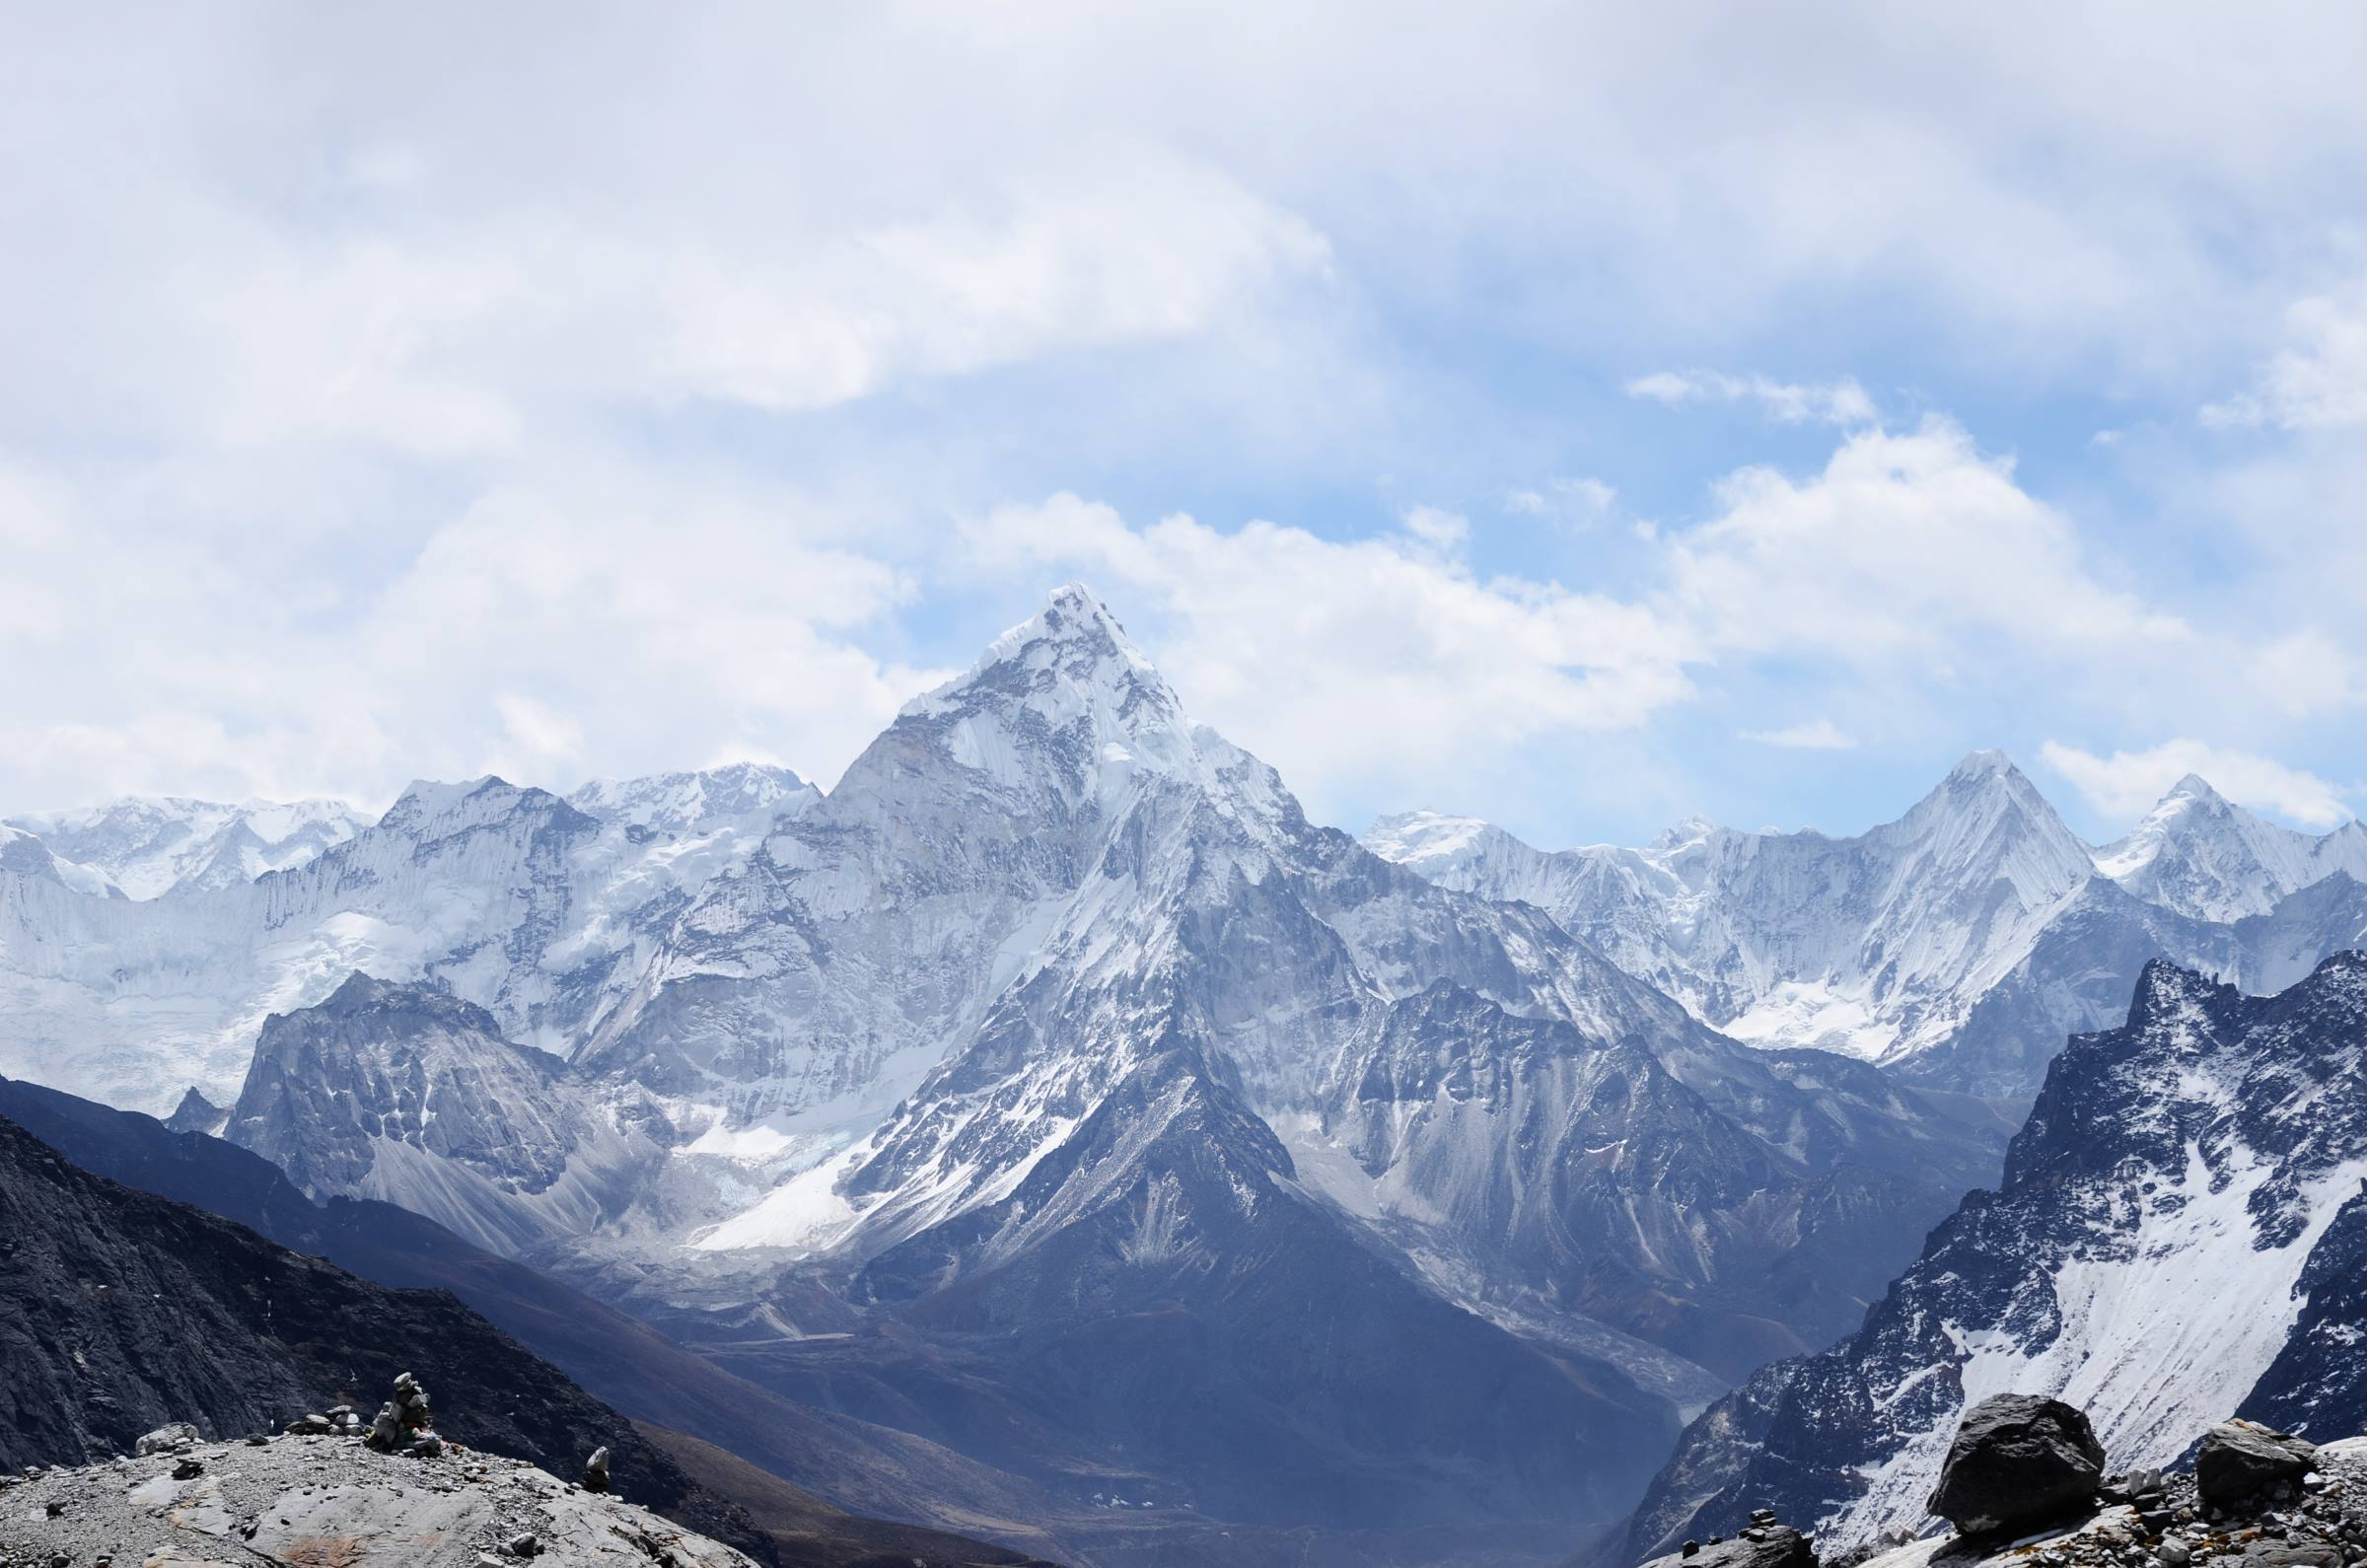 winter landscape mountains snow